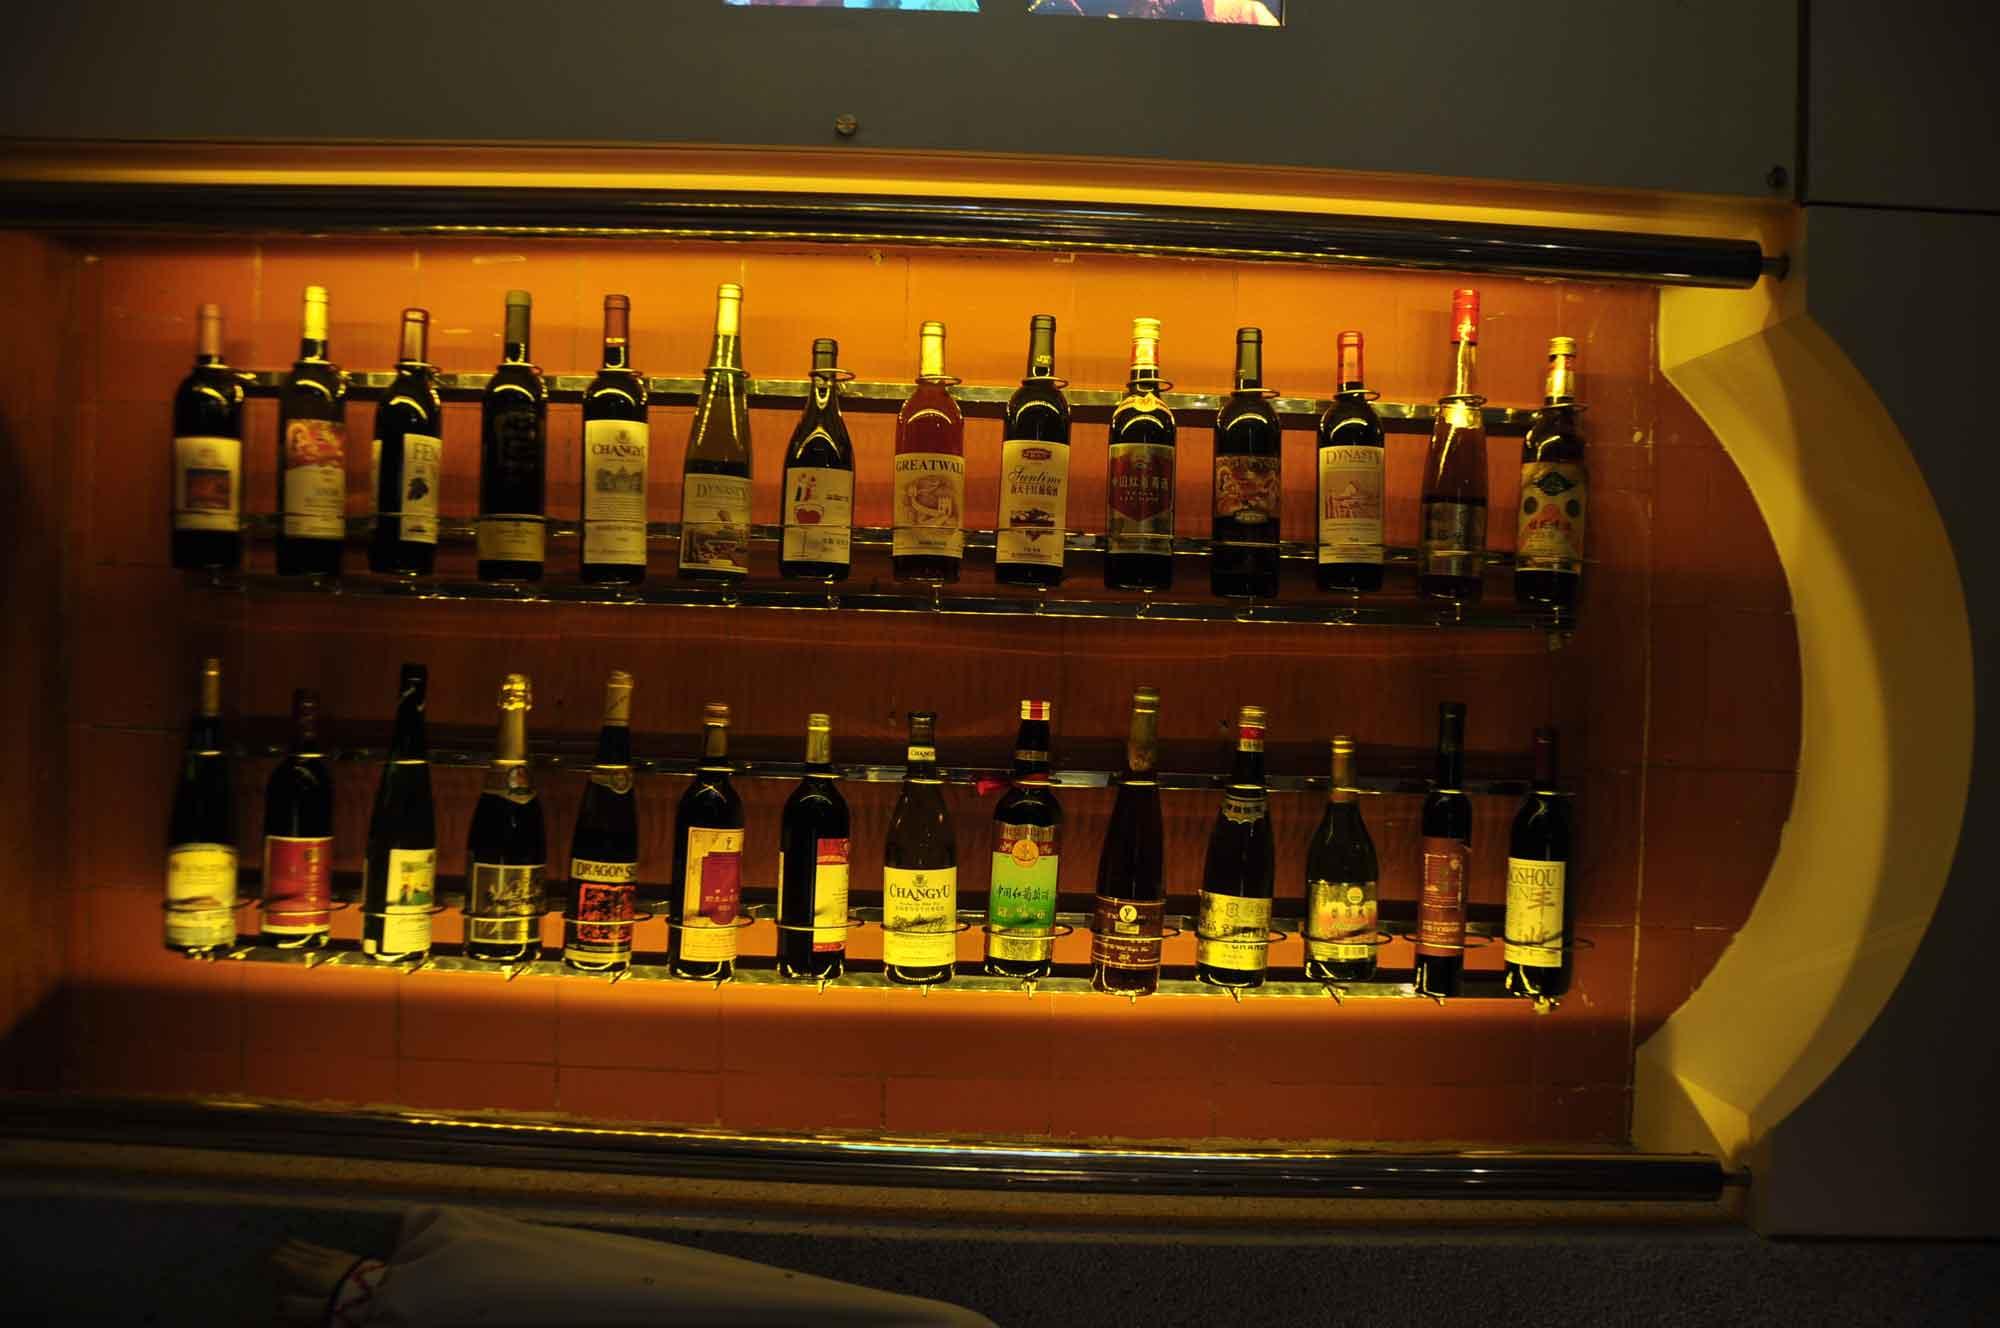 Macau Wine Musuem wine bottle display